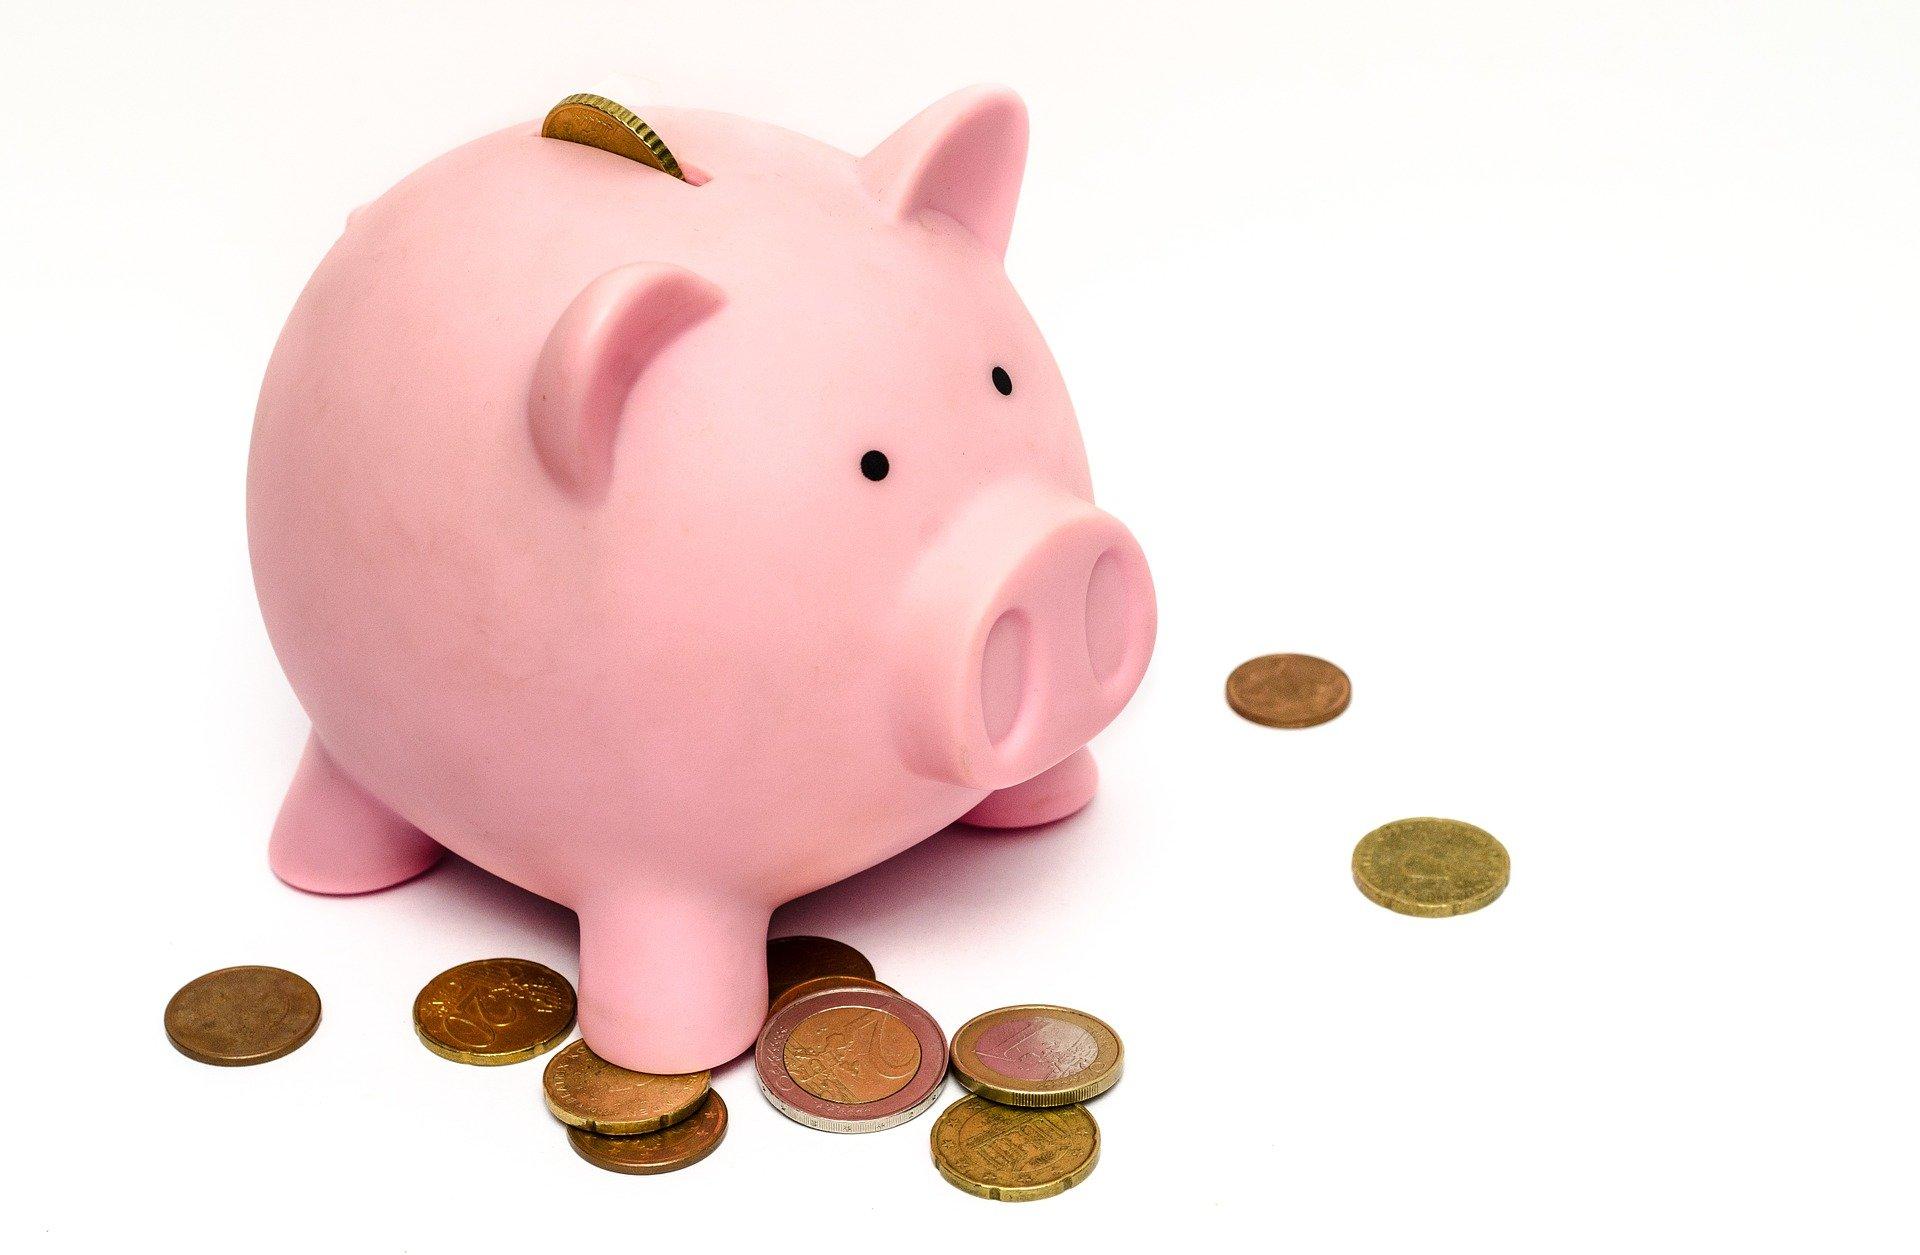 転職エージェント利用の際に出費が発生するケース